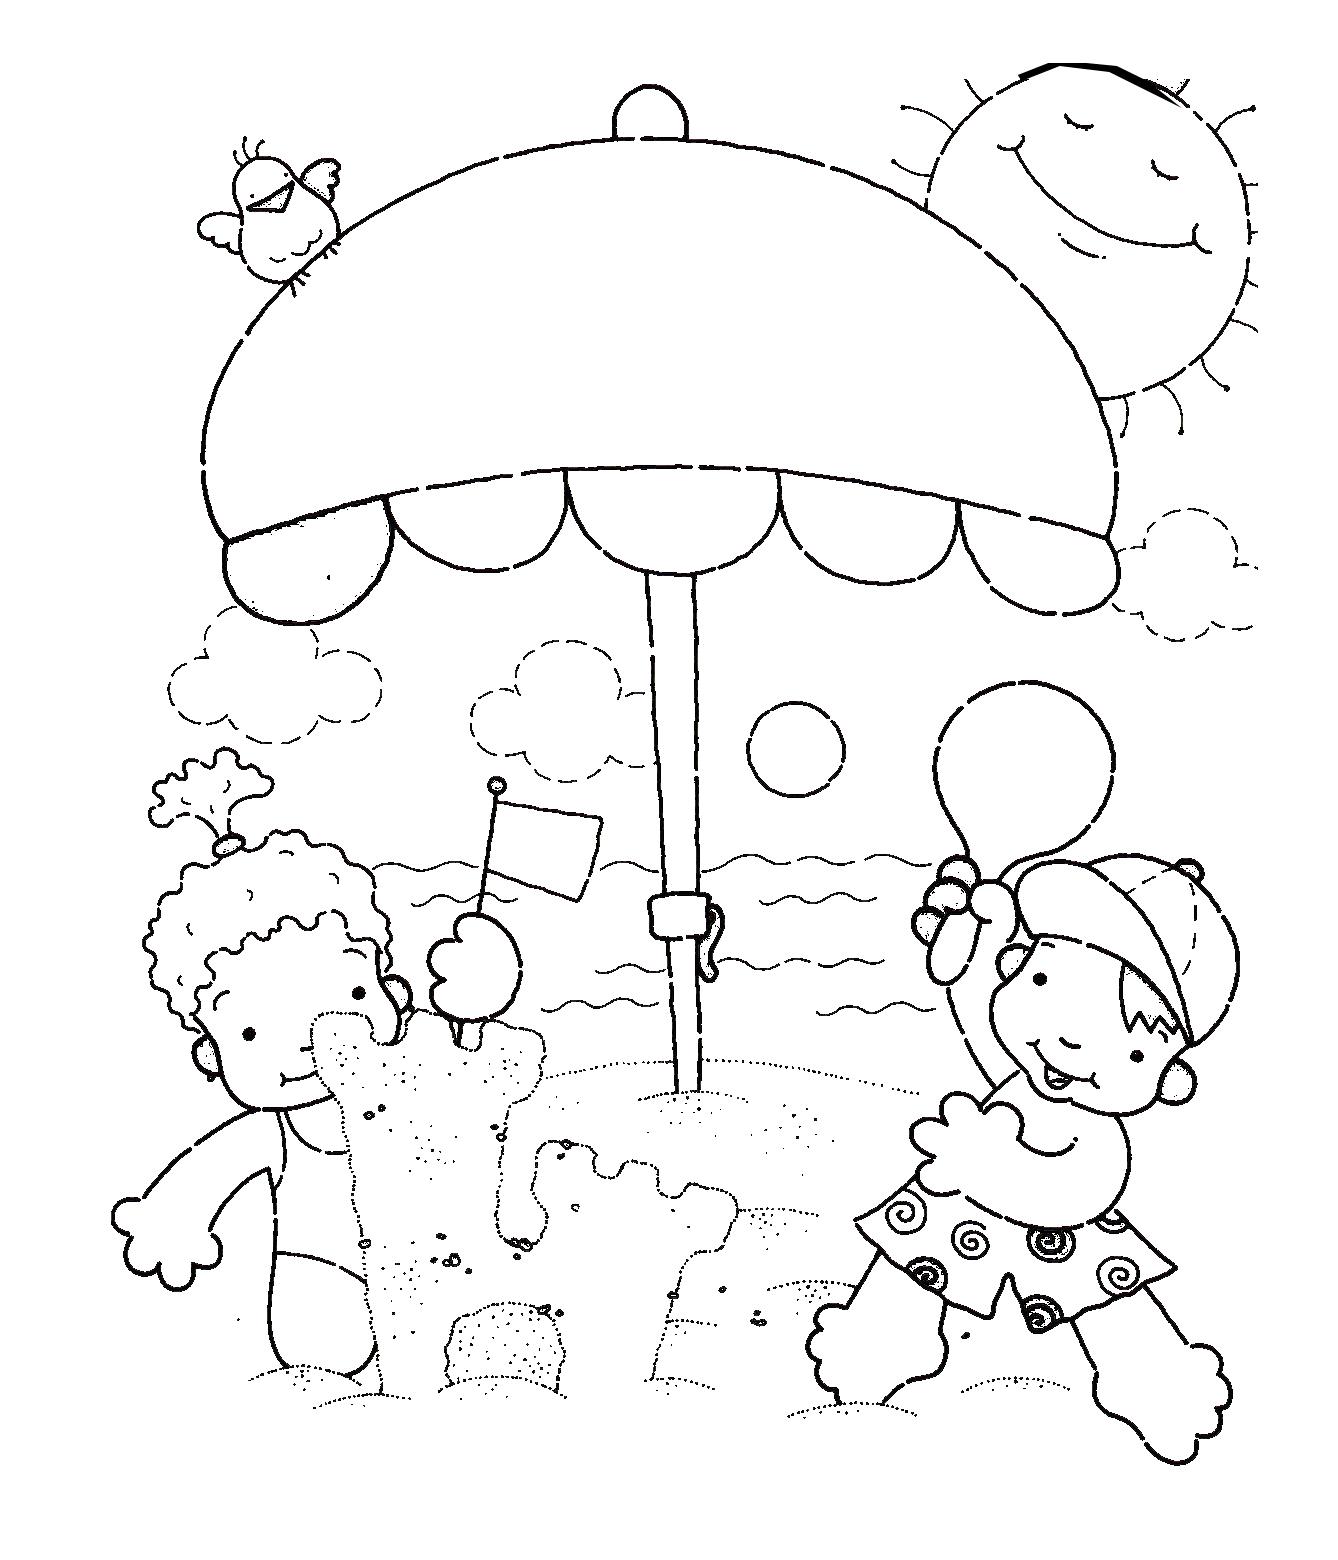 Asombroso Libro De Colorear De Verano Motivo - Dibujos Para Colorear ...